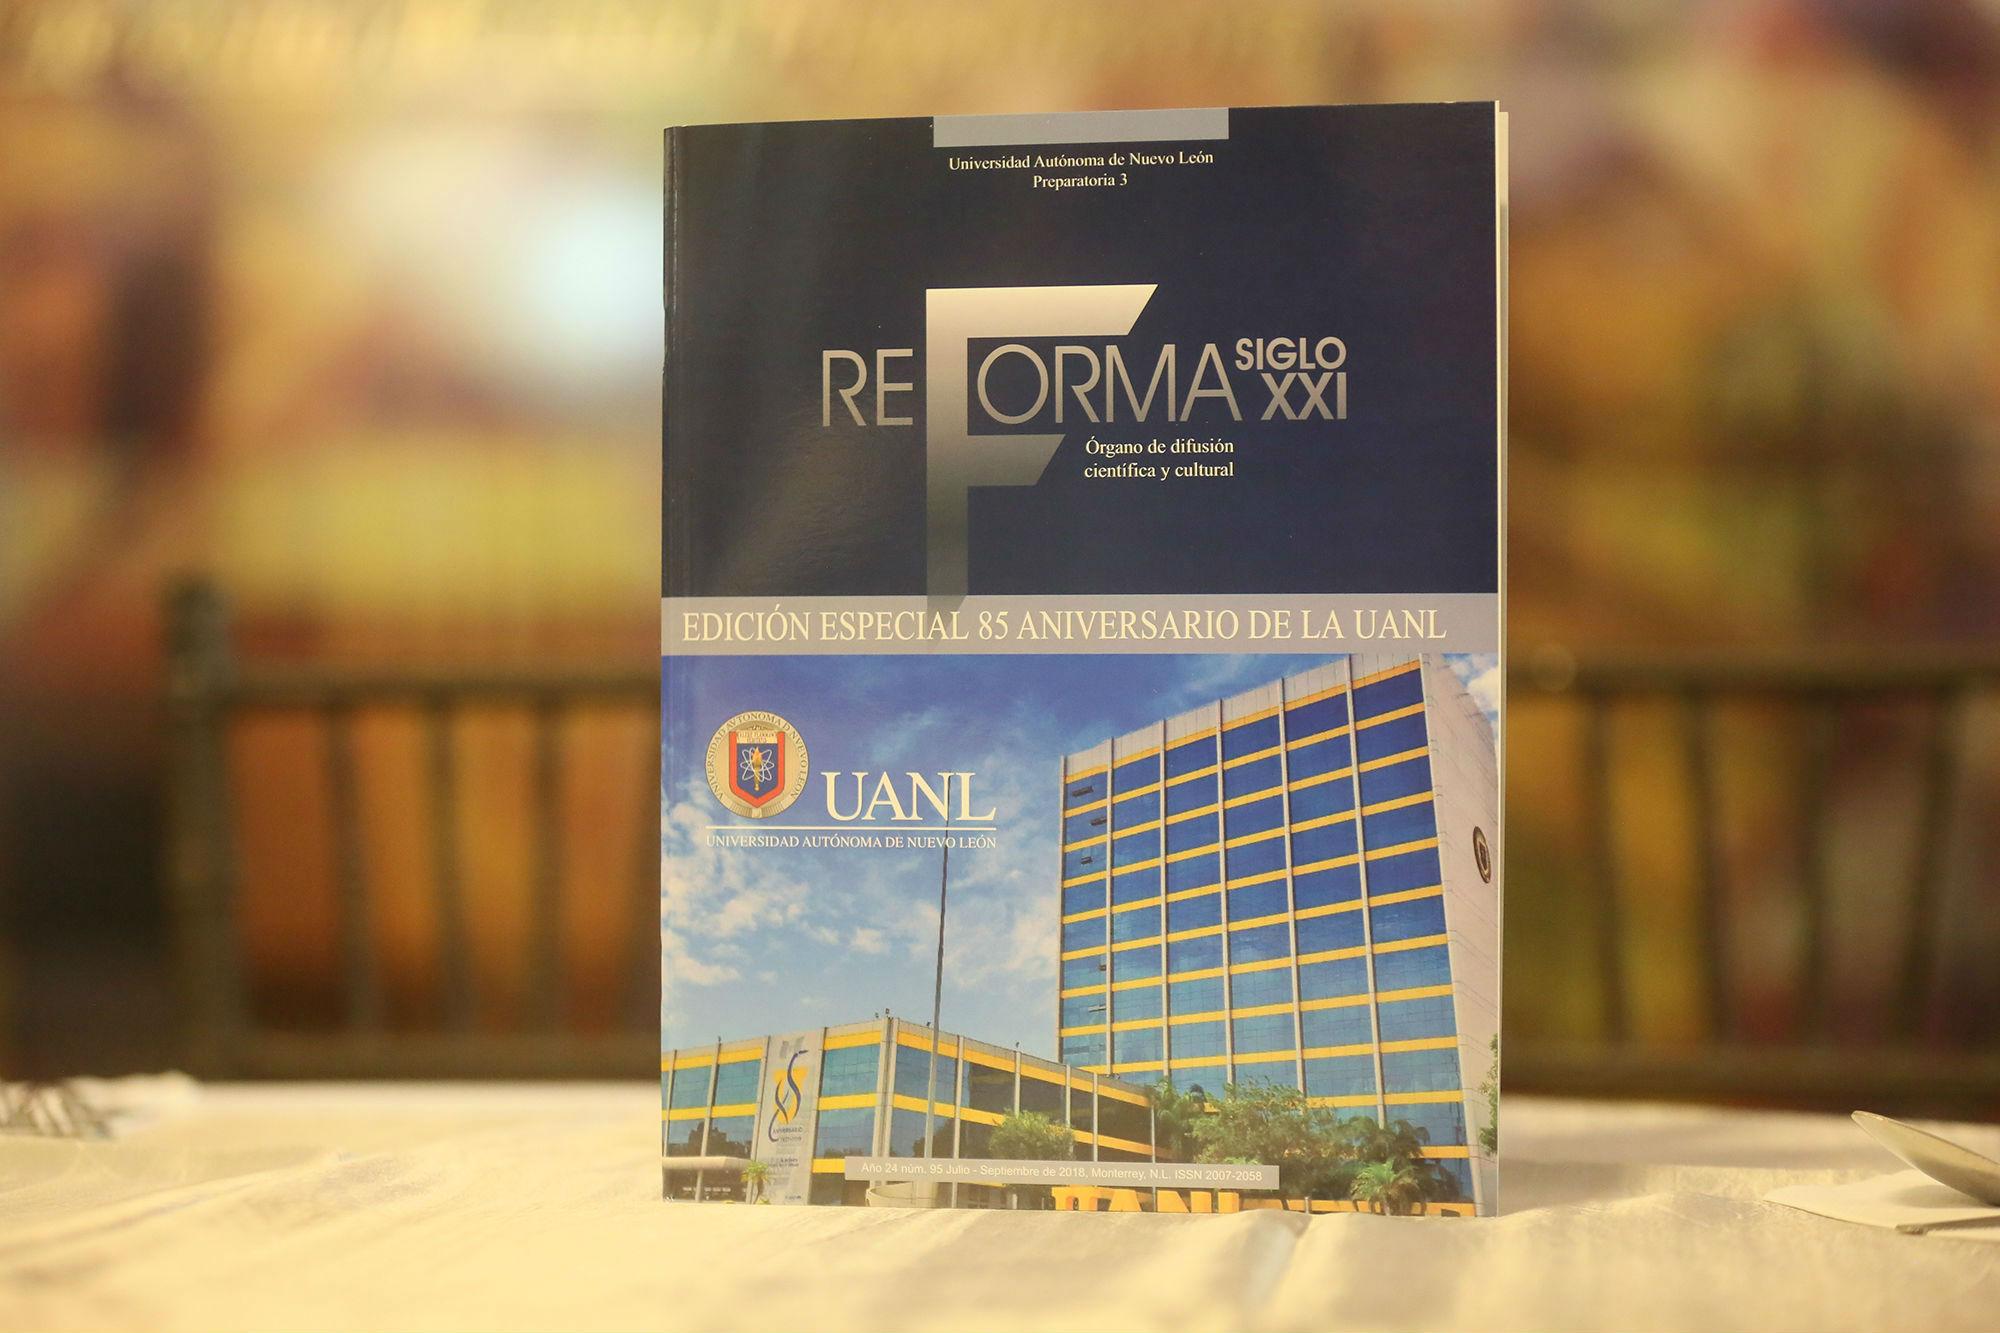 Edición especial por el 25 aniversario de la revista Reforma Siglo XXI